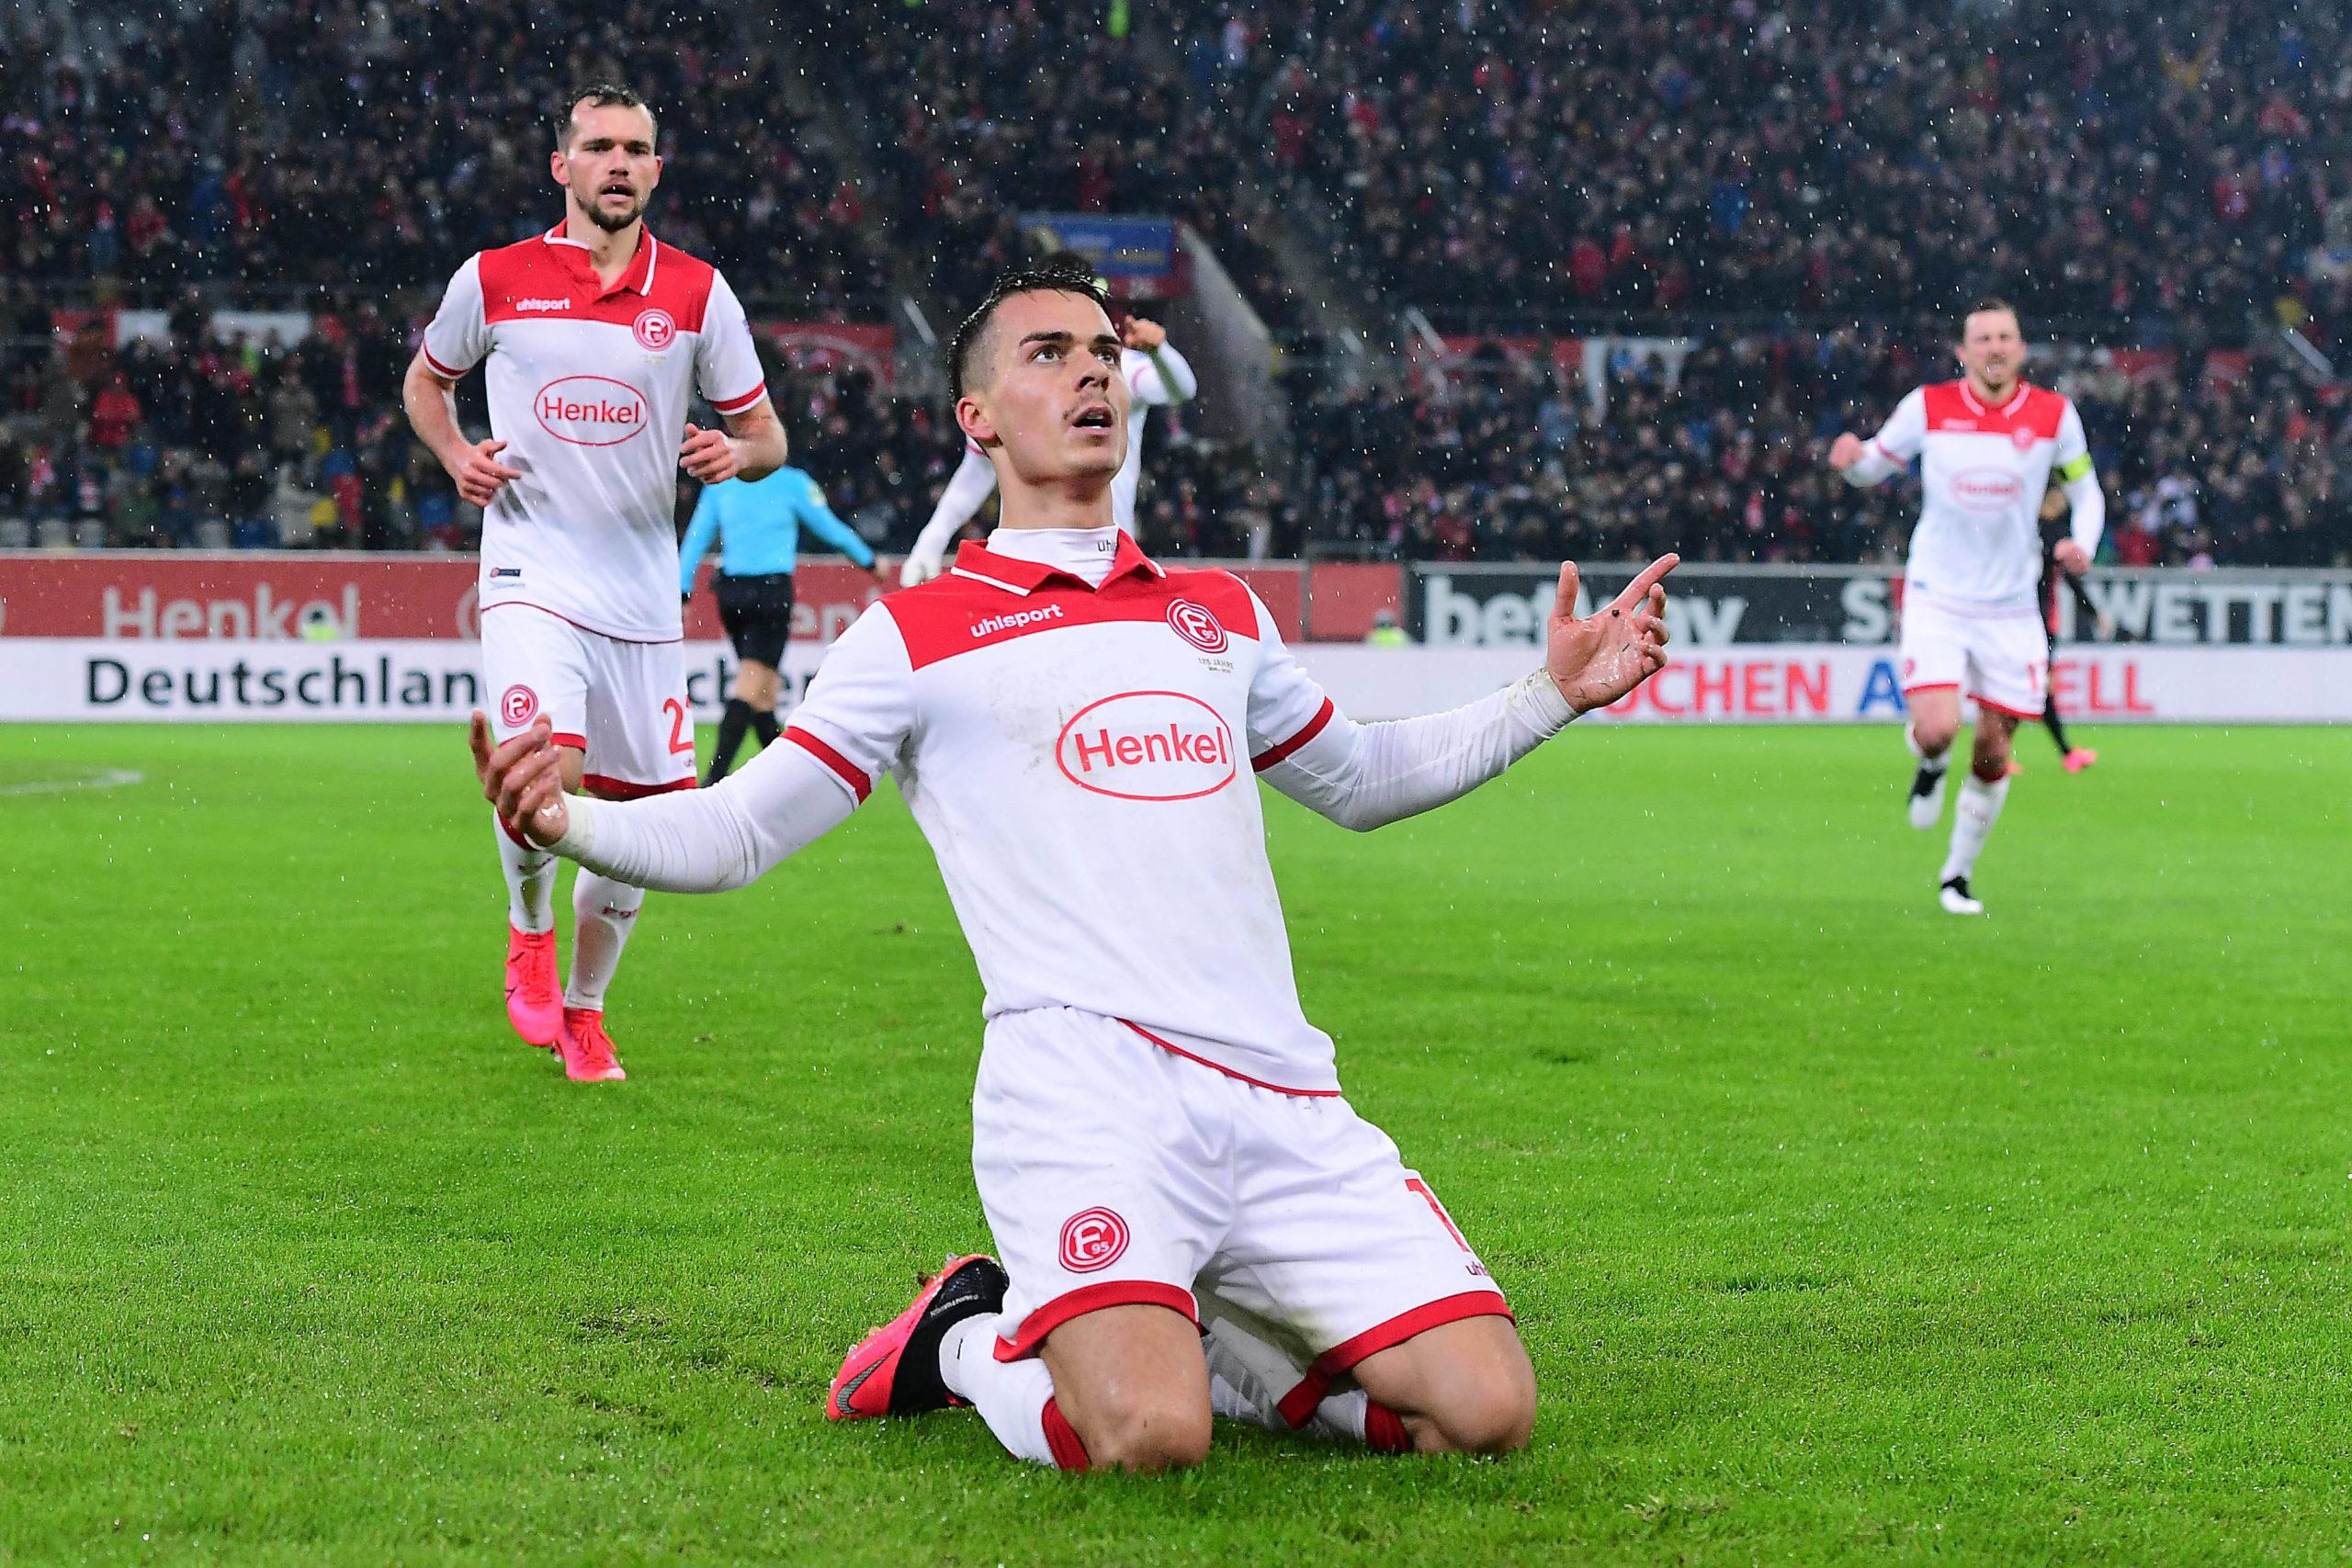 تشكيلة فورتونا دوسلدورف,فورتونا دوسلدورف,تشكيلة فورتونا دوسلدورف في مواجهة بايرن ميونيخ,تشكيلة فورتونا دوسلدورف في مواجهة بايرن,تشكيلة في الدوري الألماني,تشكيلة فورتونا دوسلدورف ضد بايرن ميونيخ,تشكيلة فورتونا دوسلدورف ضد بايرن,تشكيلة فورتونا دوسلدورف أمام بايرن ميونيخ,تشكيلة فورتونا دوسلدورف أمام بايرن,فورتونا دوسلدورف في مواجهة بايرن ميونيخ,فورتونا دوسلدورفVSبايرن ميونيخ,فورتونا دوسلدورف ضد بايرن ميونيخ,فورتونا دوسلدورف ضد بايرن,فورتونا دوسلدورف أمام بايرن ميونيخ,فورتونا دوسلدورف أمام بايرن